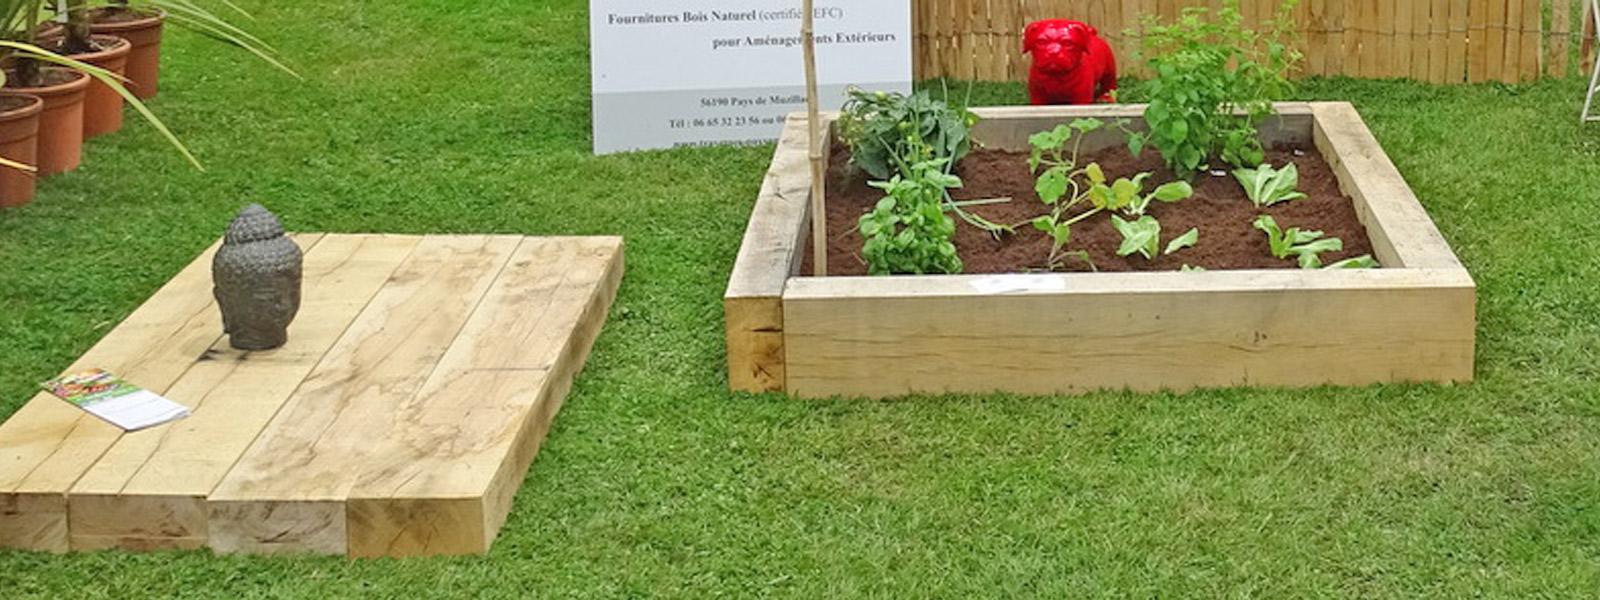 Fabriquer Potager Carré En Bois carrés potagers en chêne naturel - création bretagne